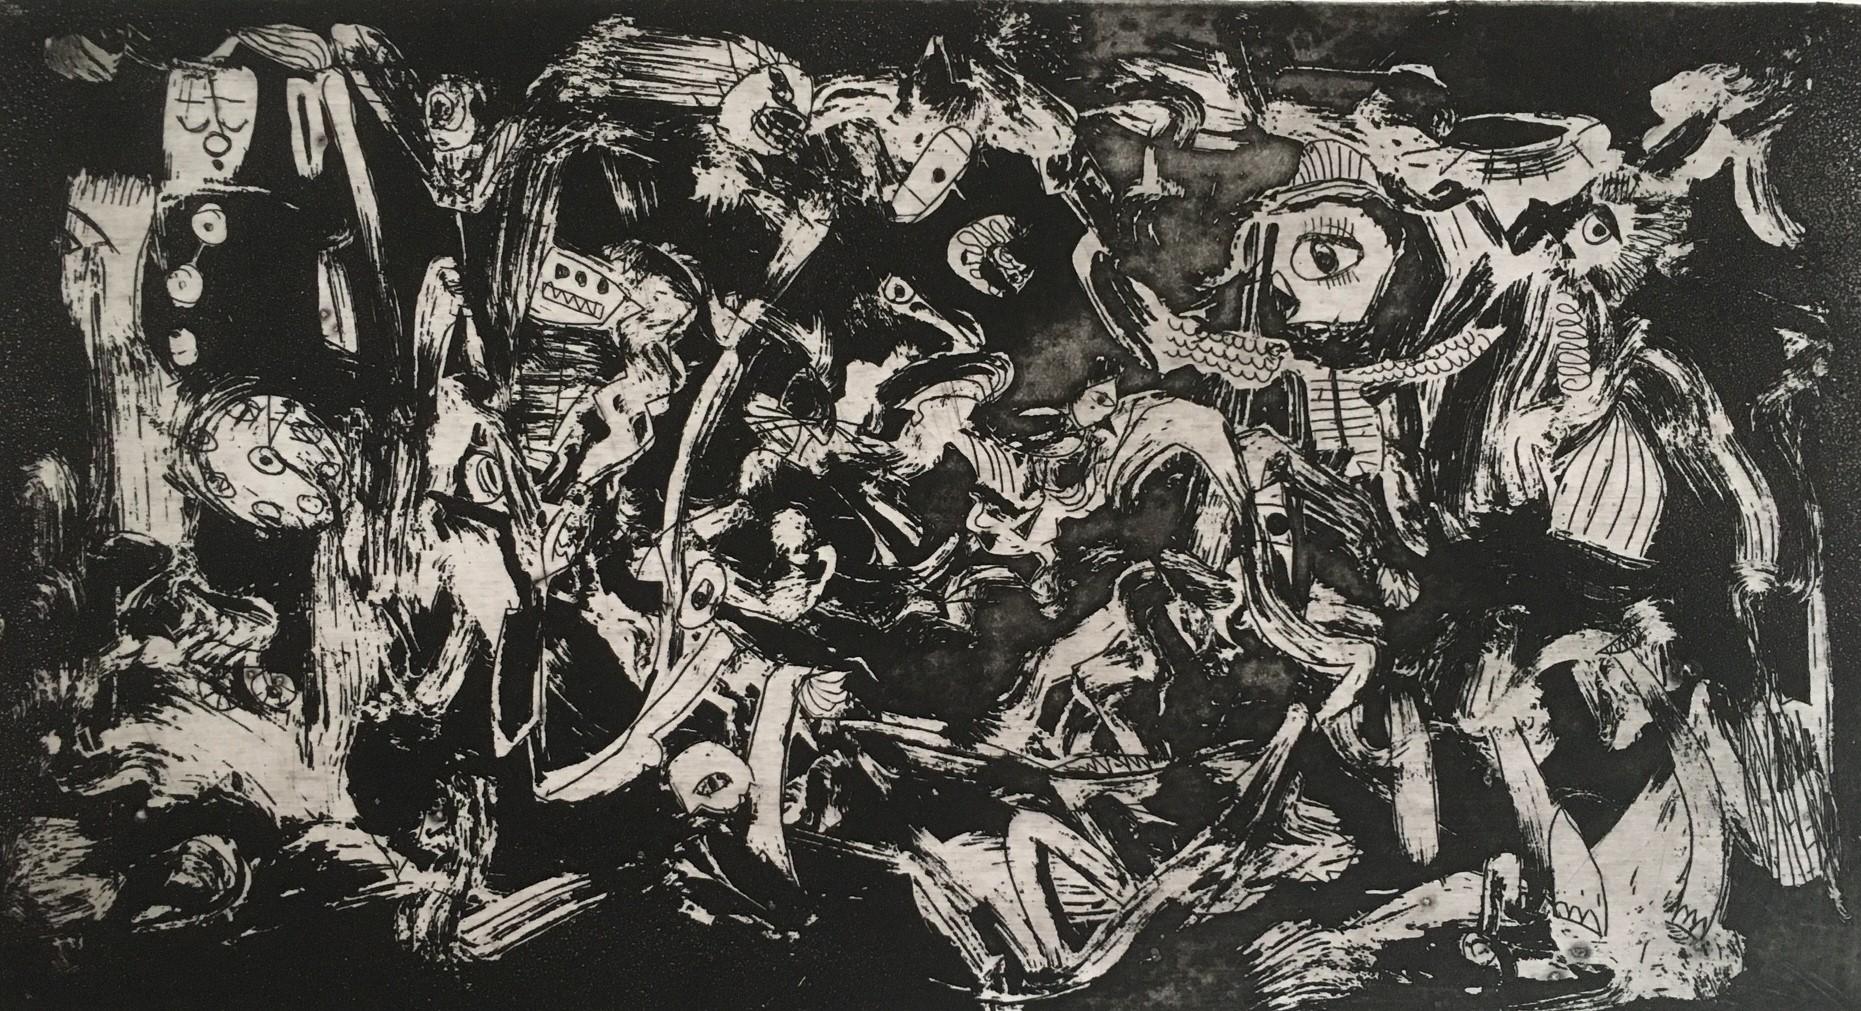 (c) Bianca Scheich, Radierung, 50 x 60 cm, Die Schwarzseher, 2021